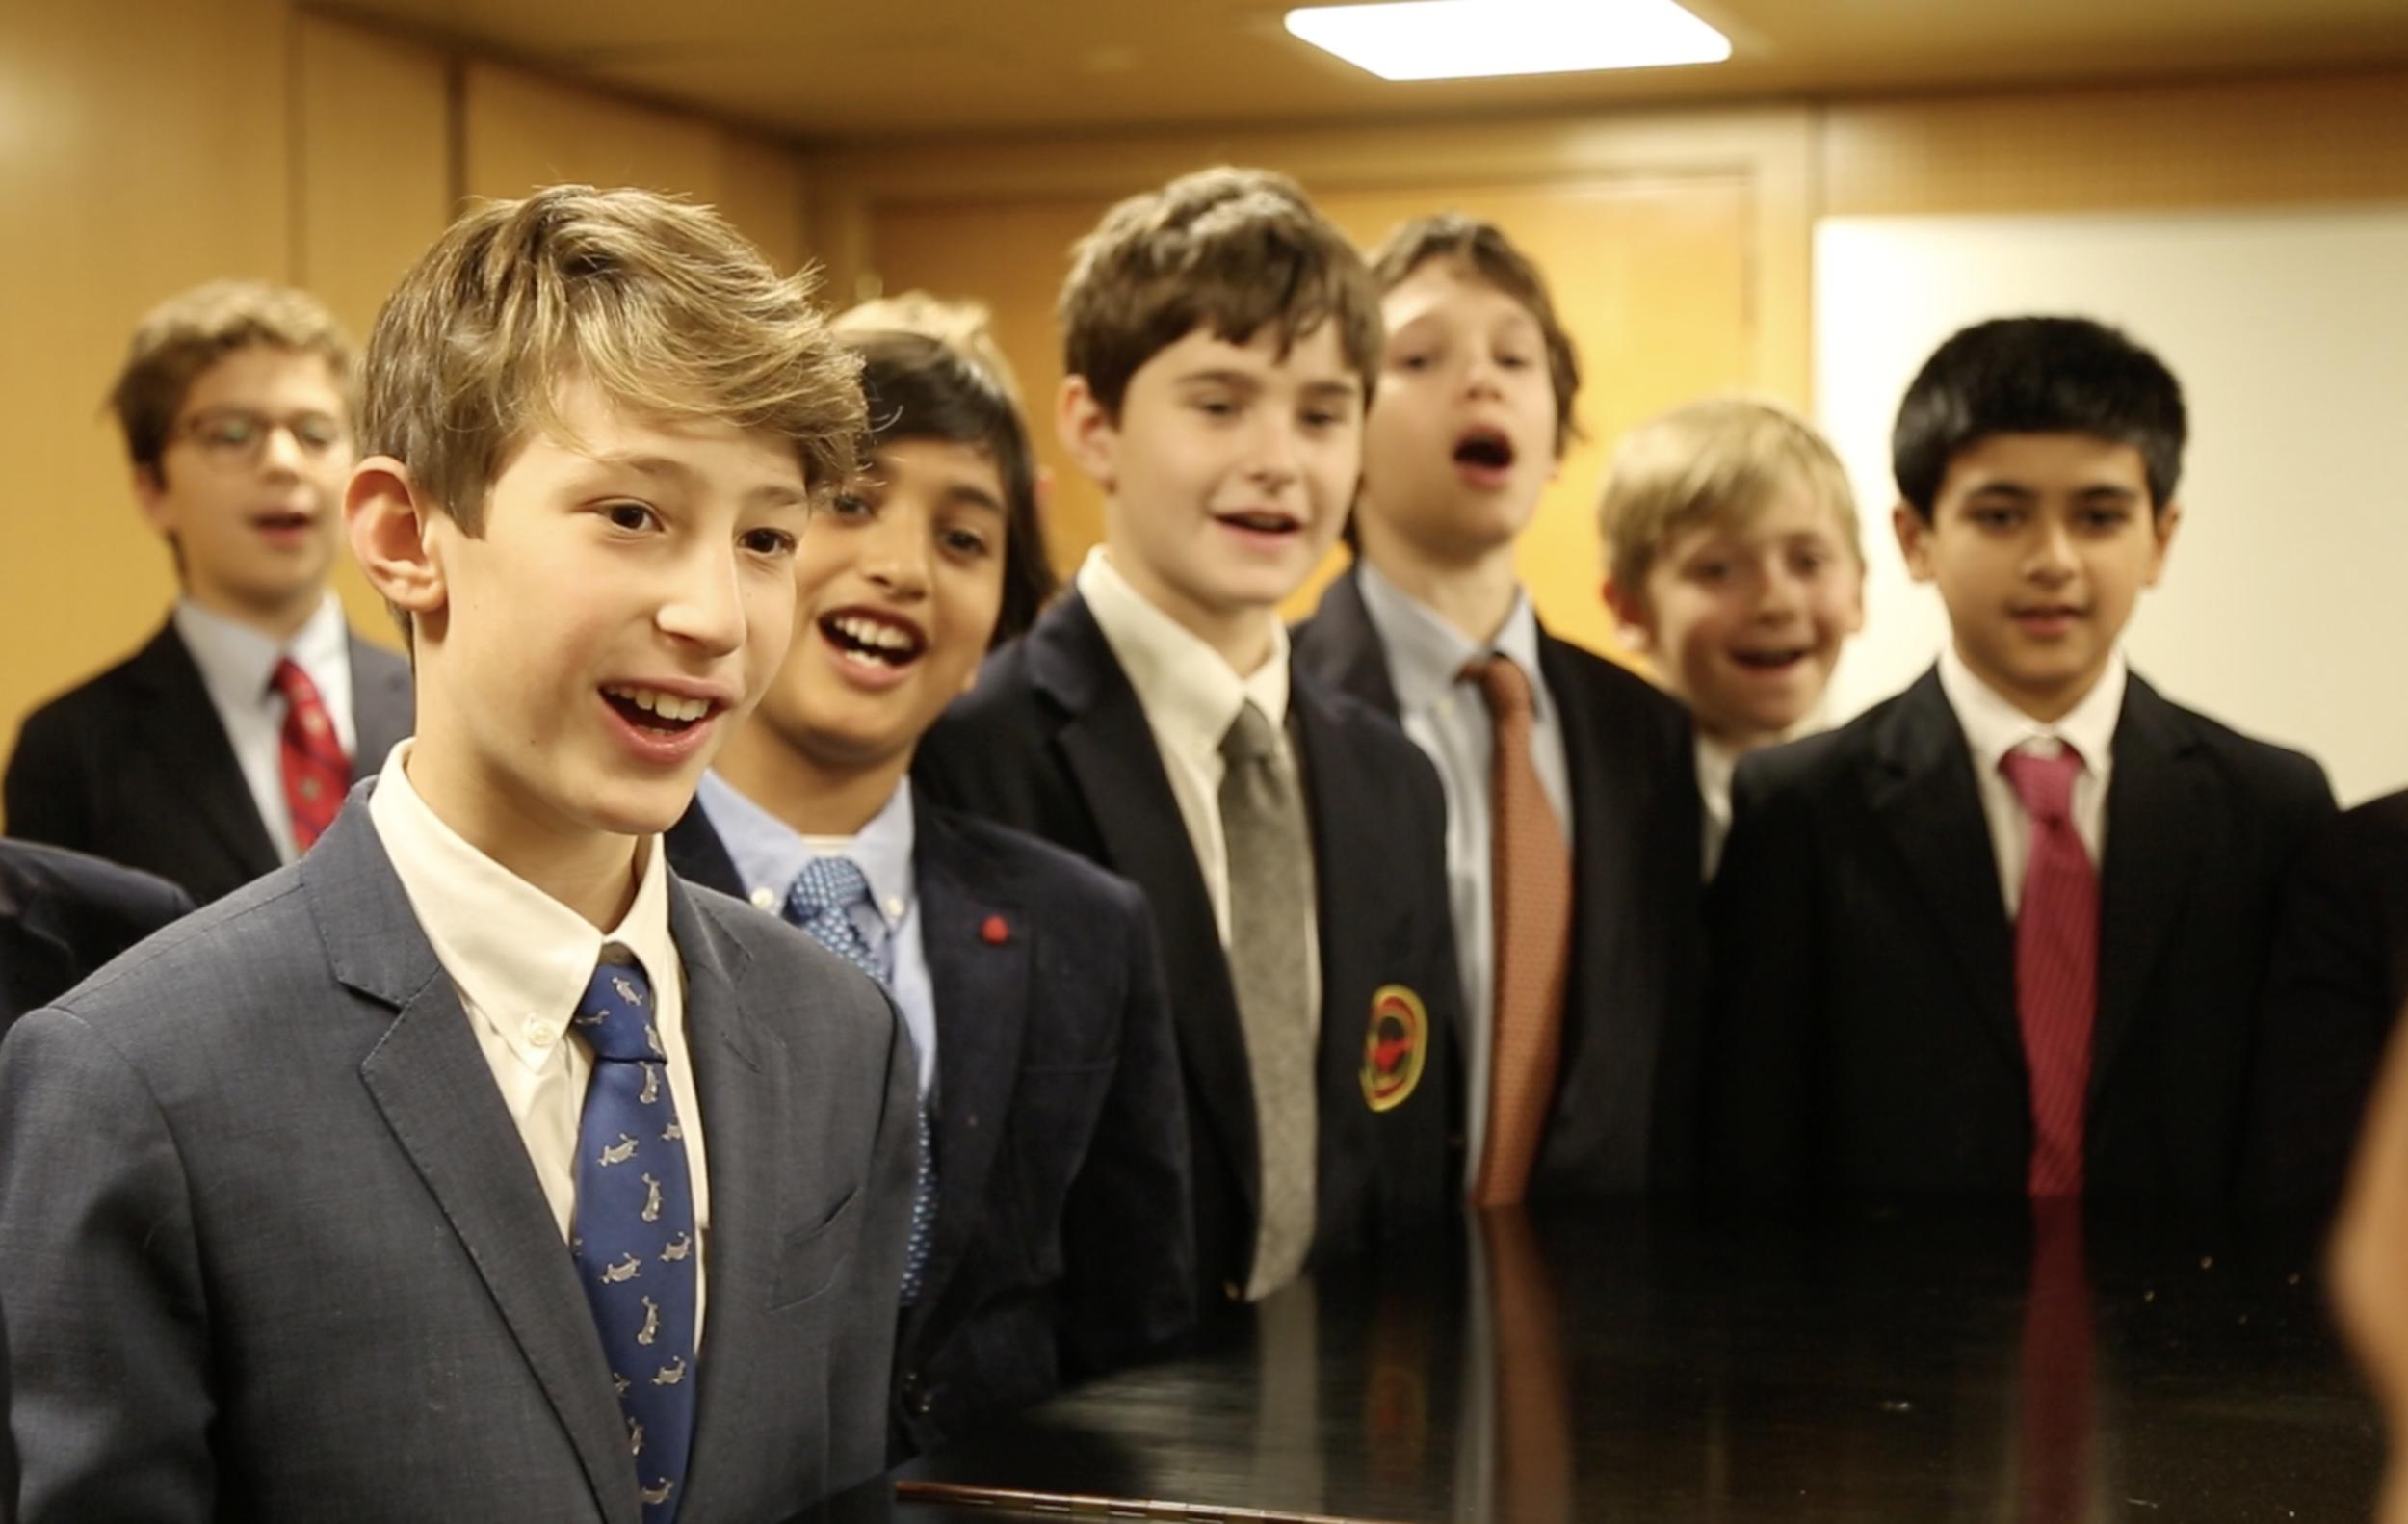 中学-勃朗宁中学培养了一个环境,男孩可以自信地从童年走向青春期.Learn More